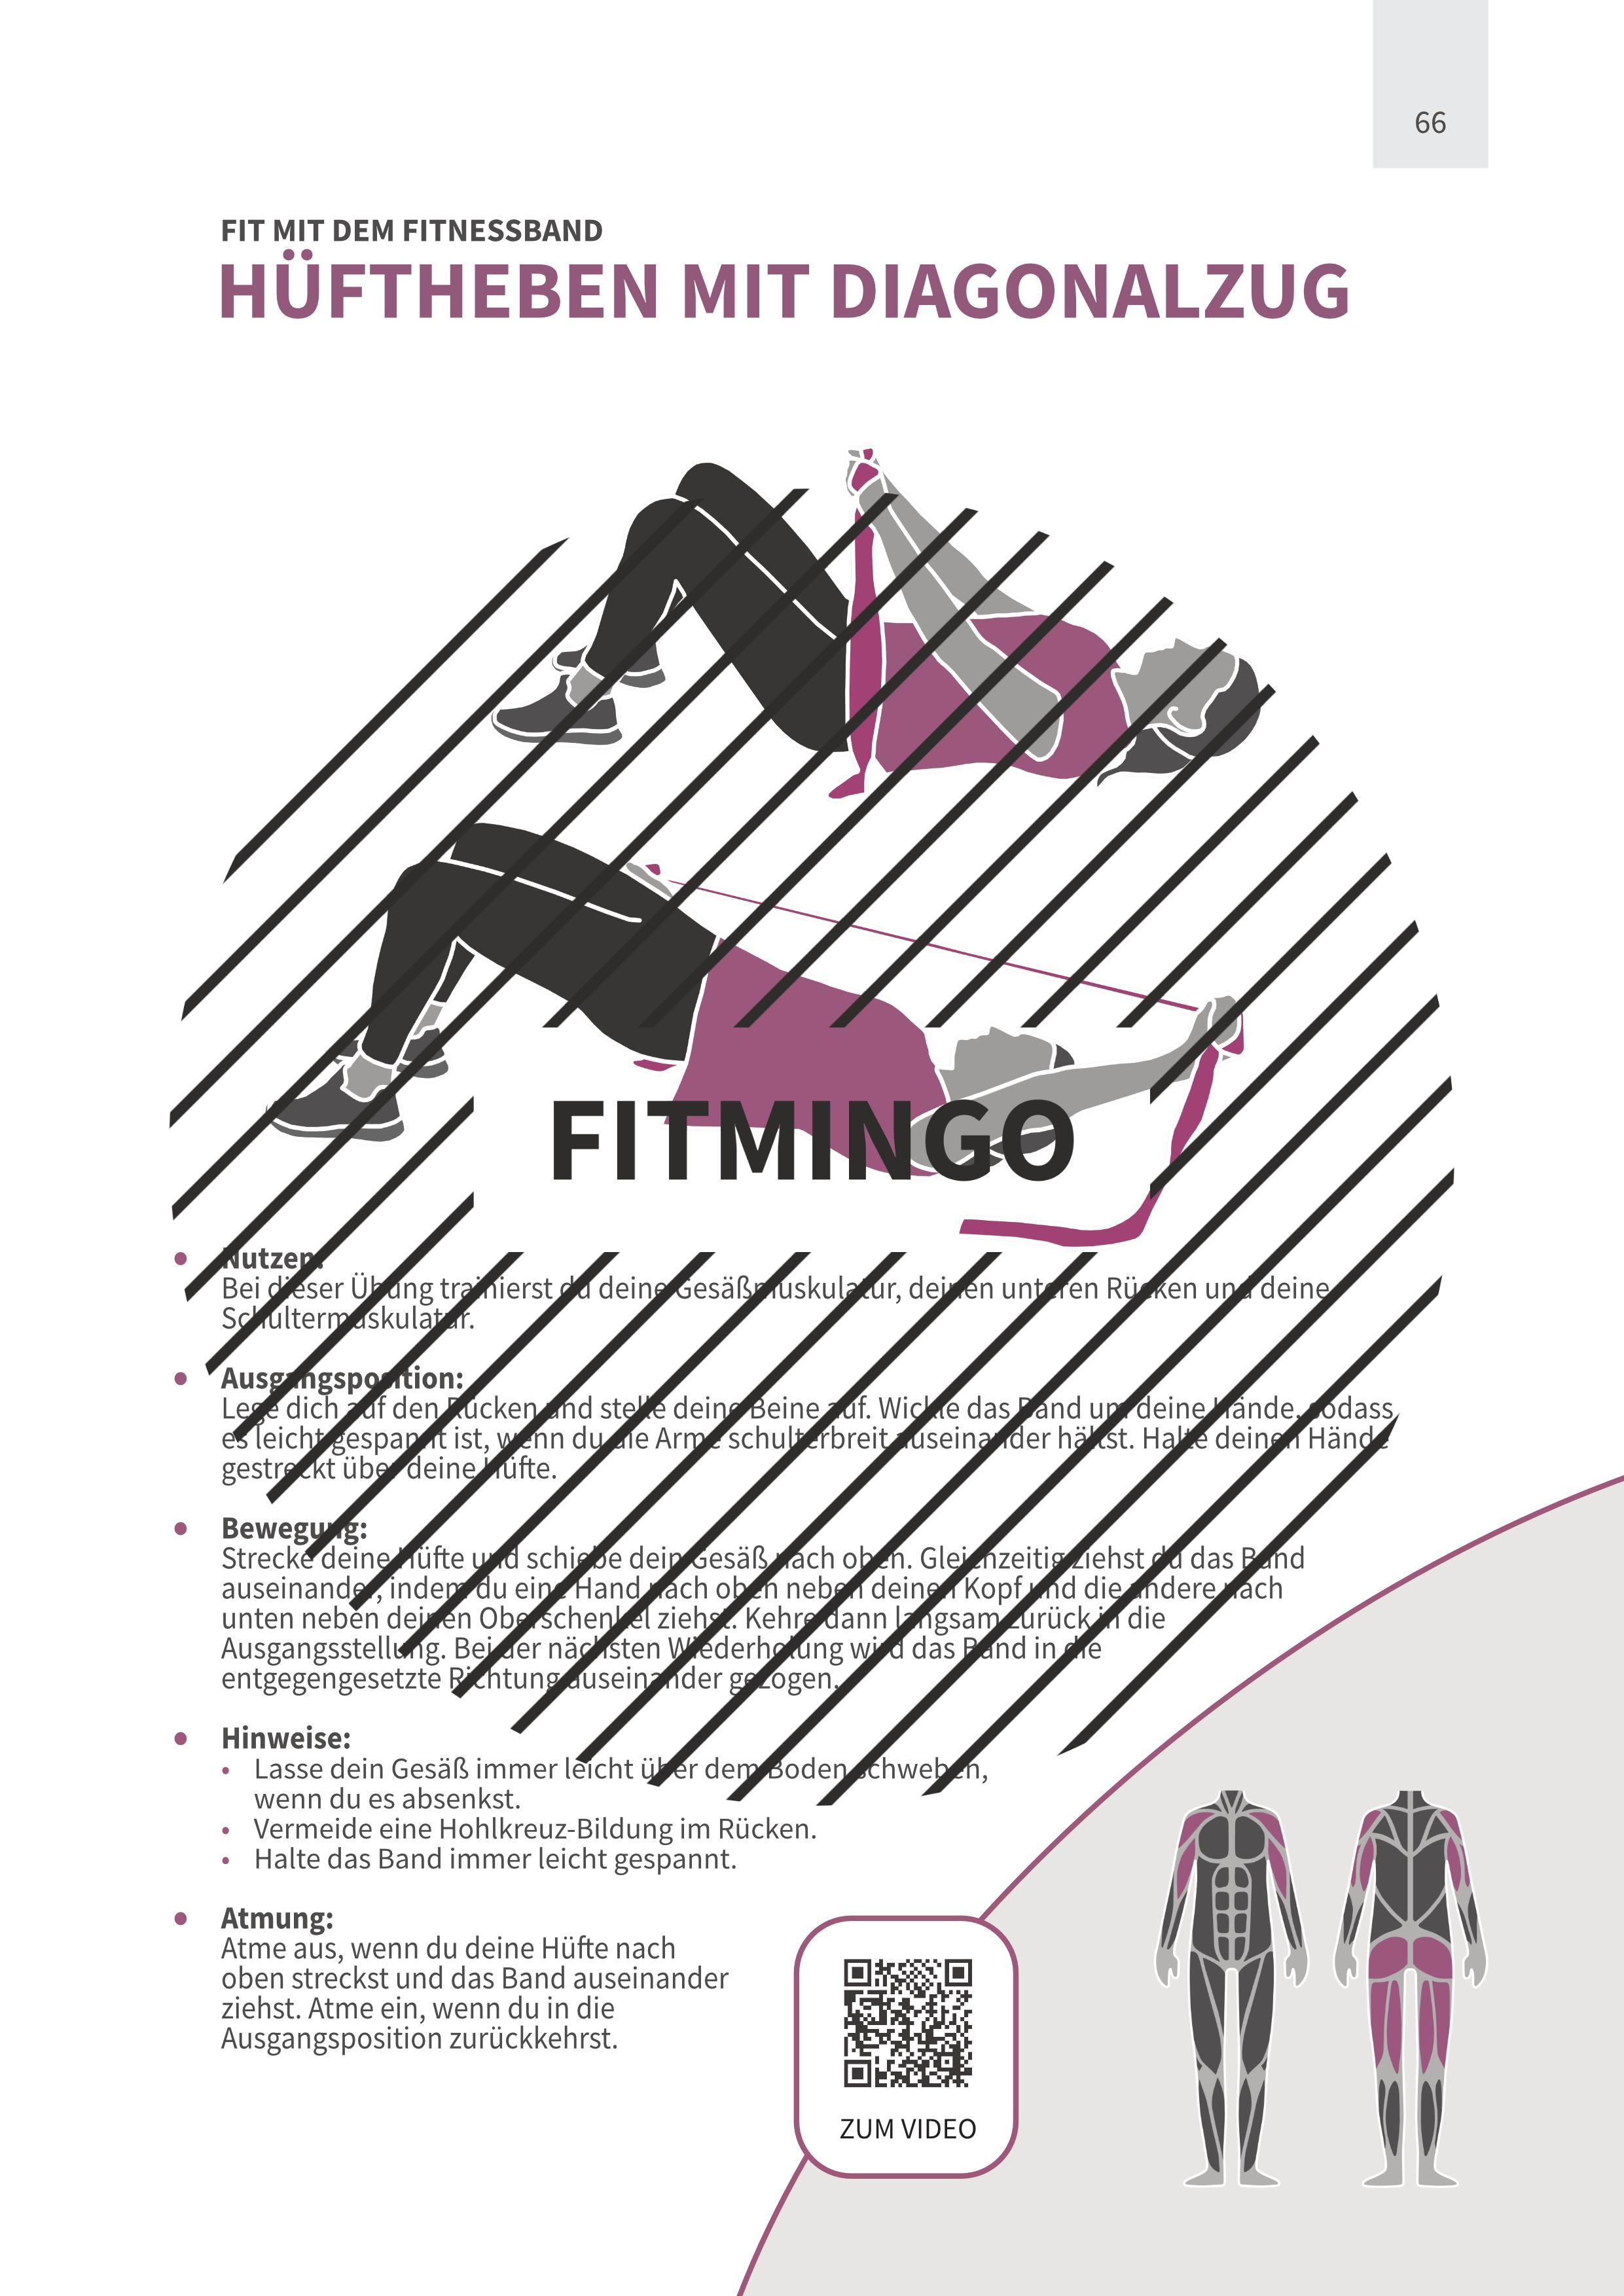 Hüftheben mit Diagonalzug mit Fitnessband